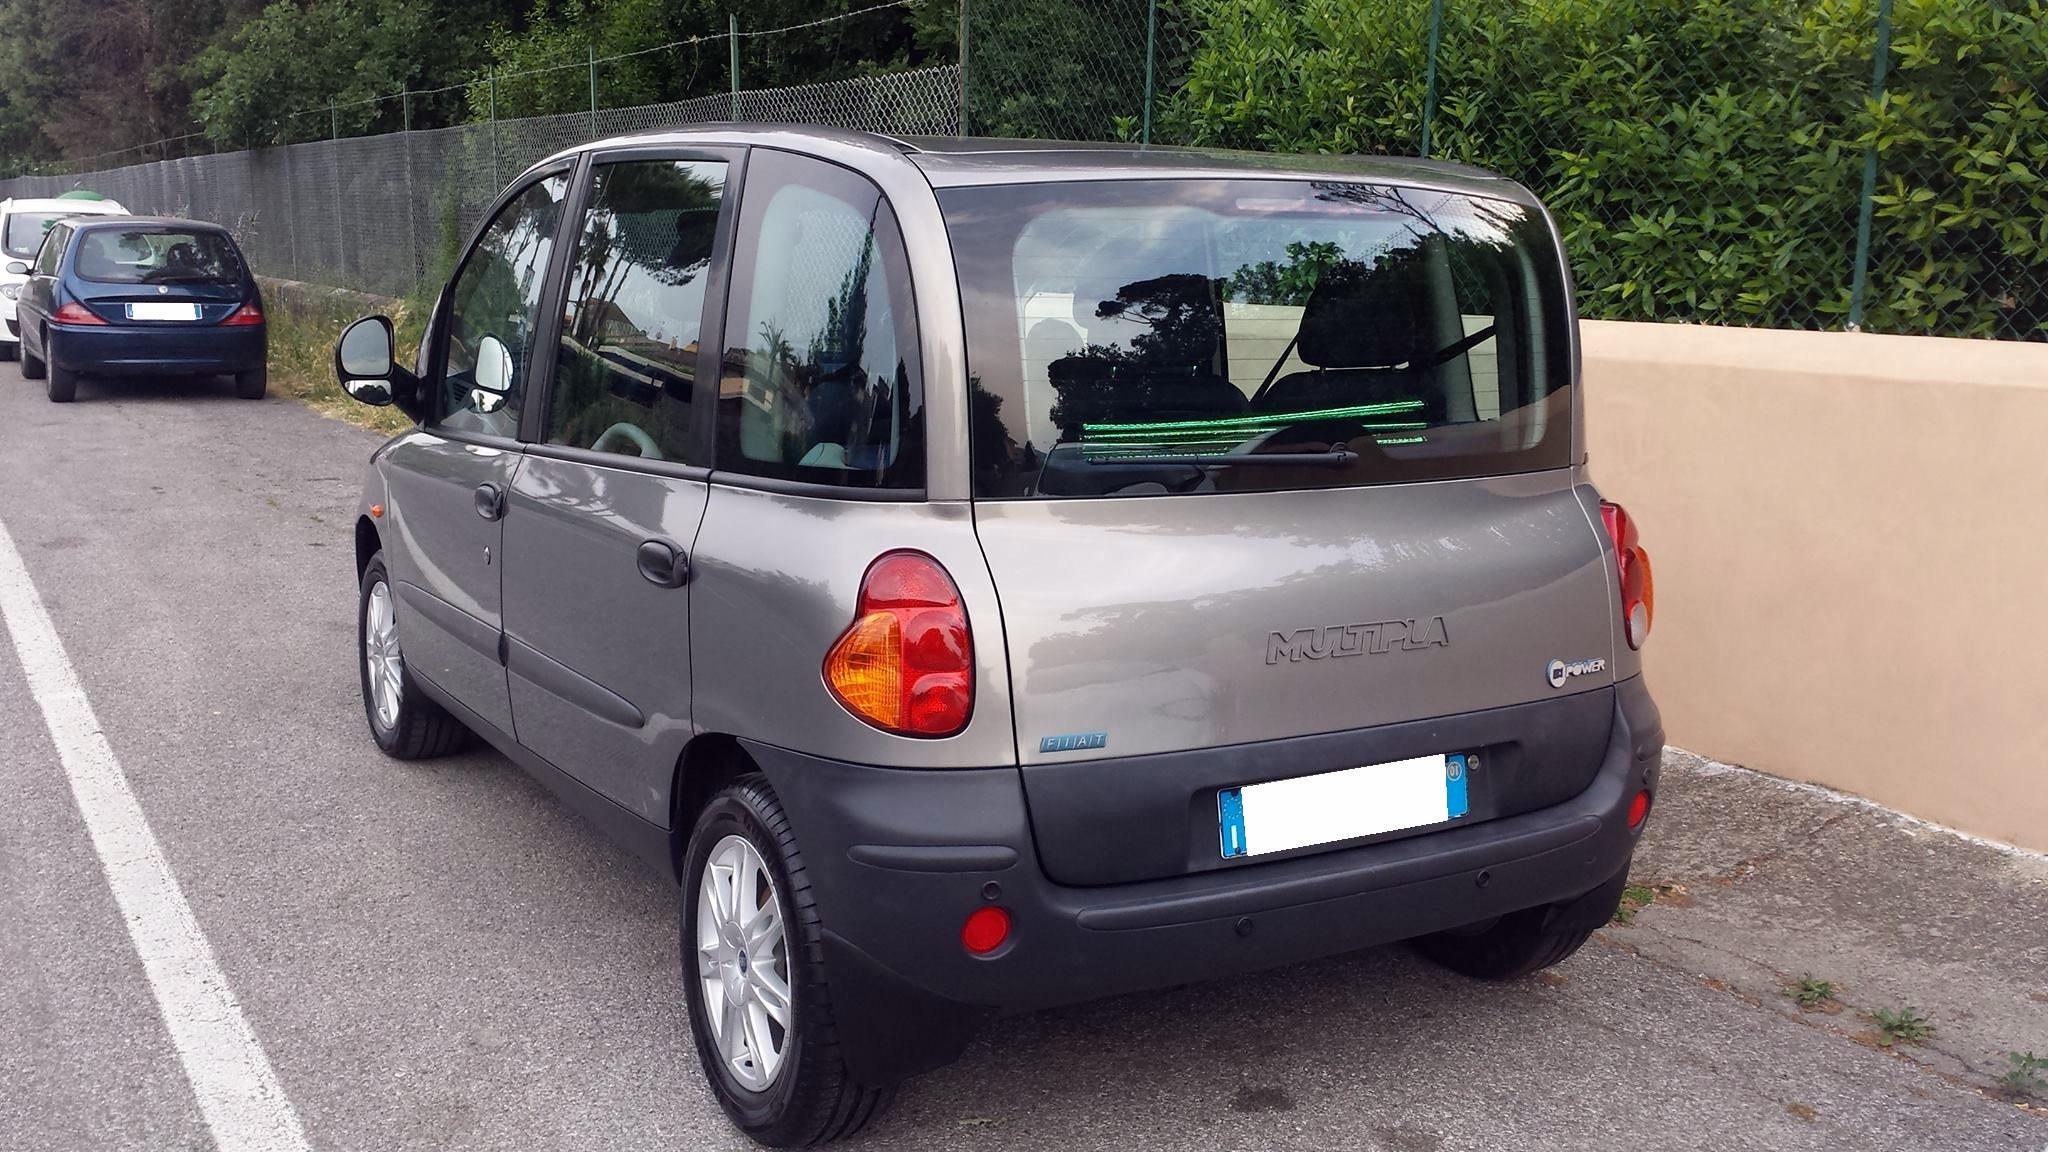 2001 Fiat Multipla Bi Power, il ritorno! 1604315_10203411279355426_1923594696_o